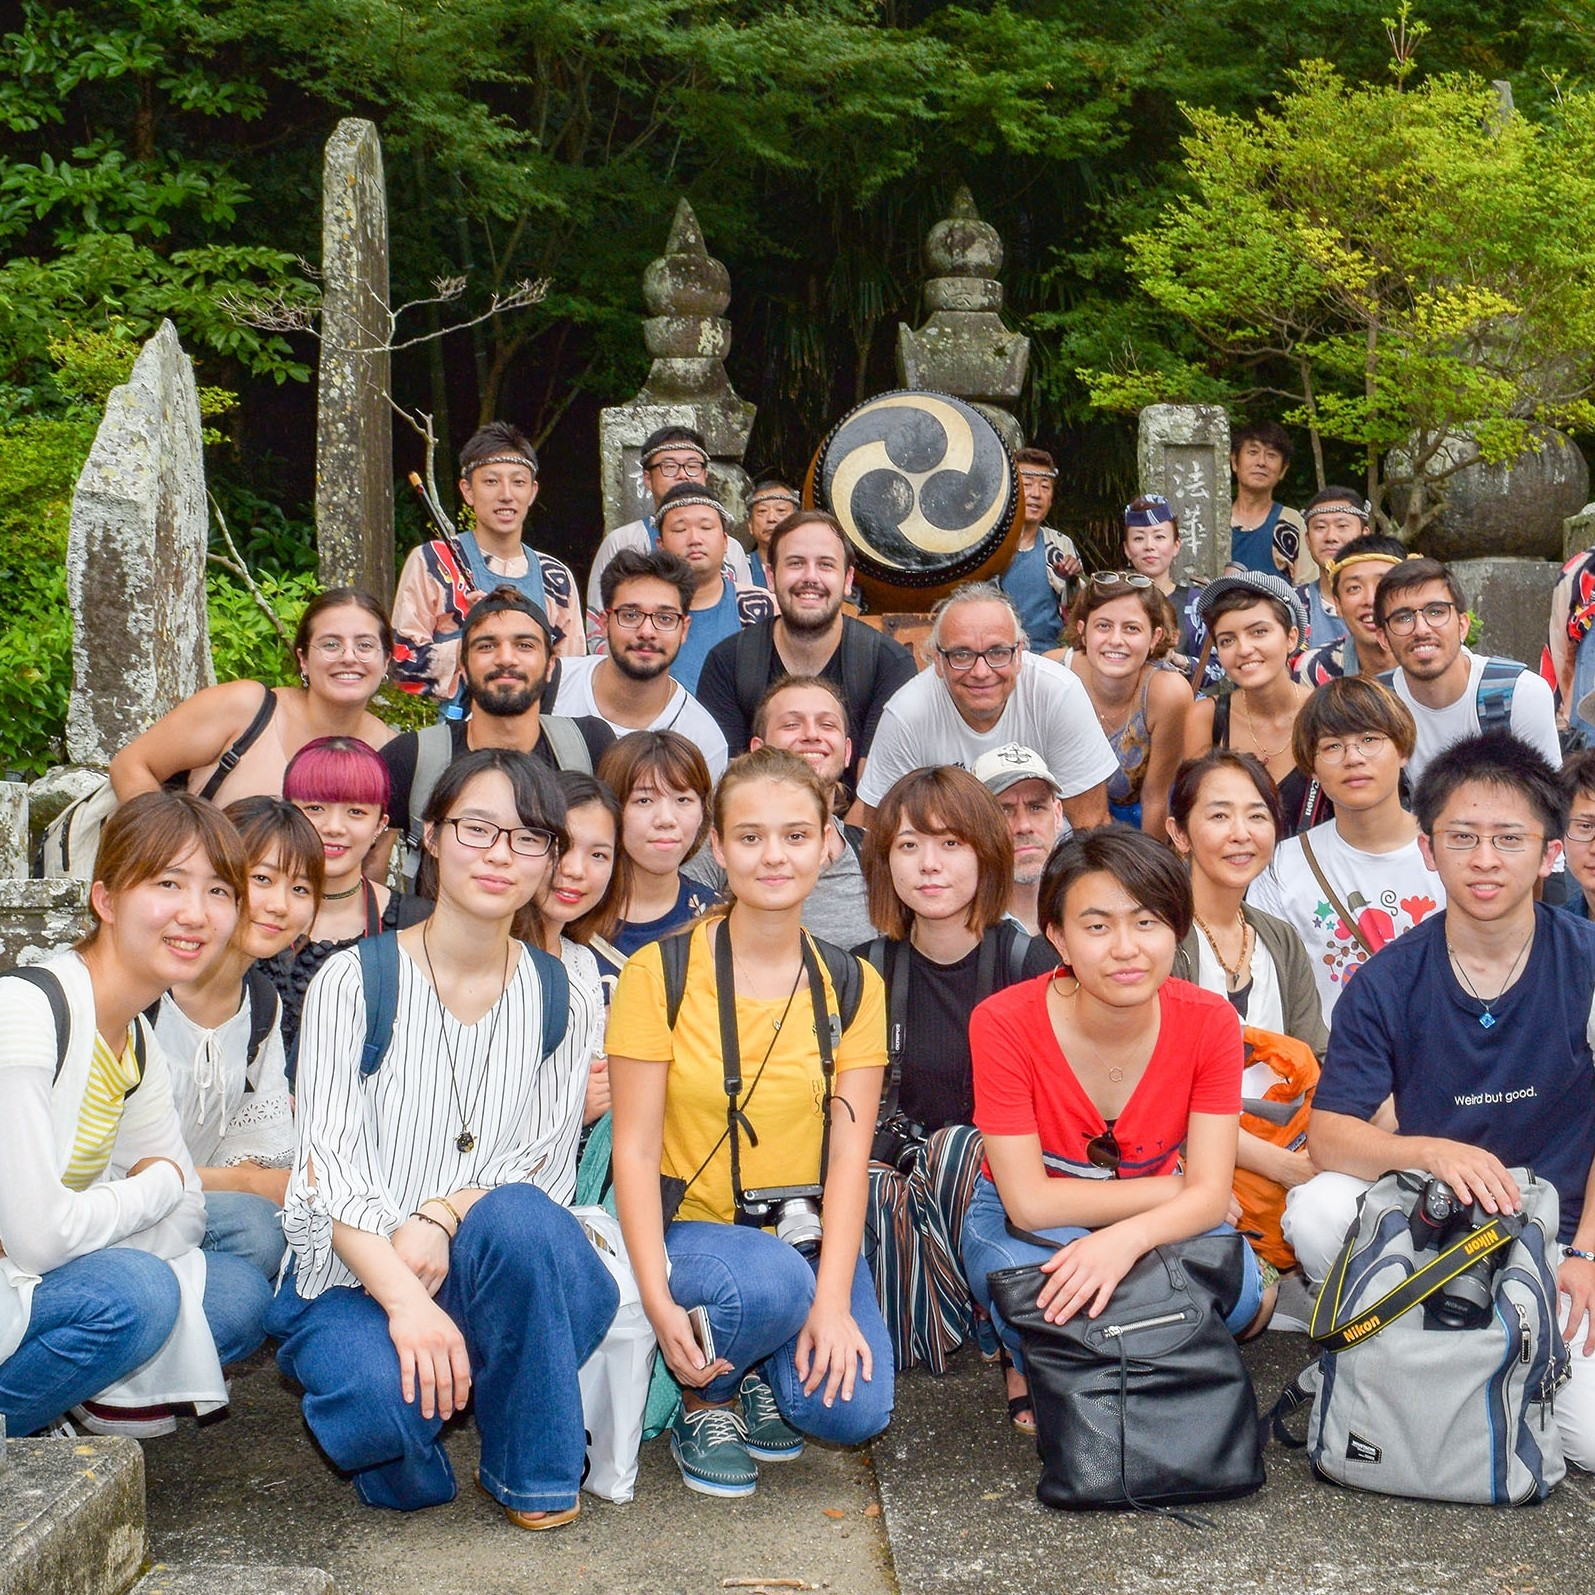 TÜRK – JAPON ÖĞRENCİLERİN TASARIM DOKUNUŞU